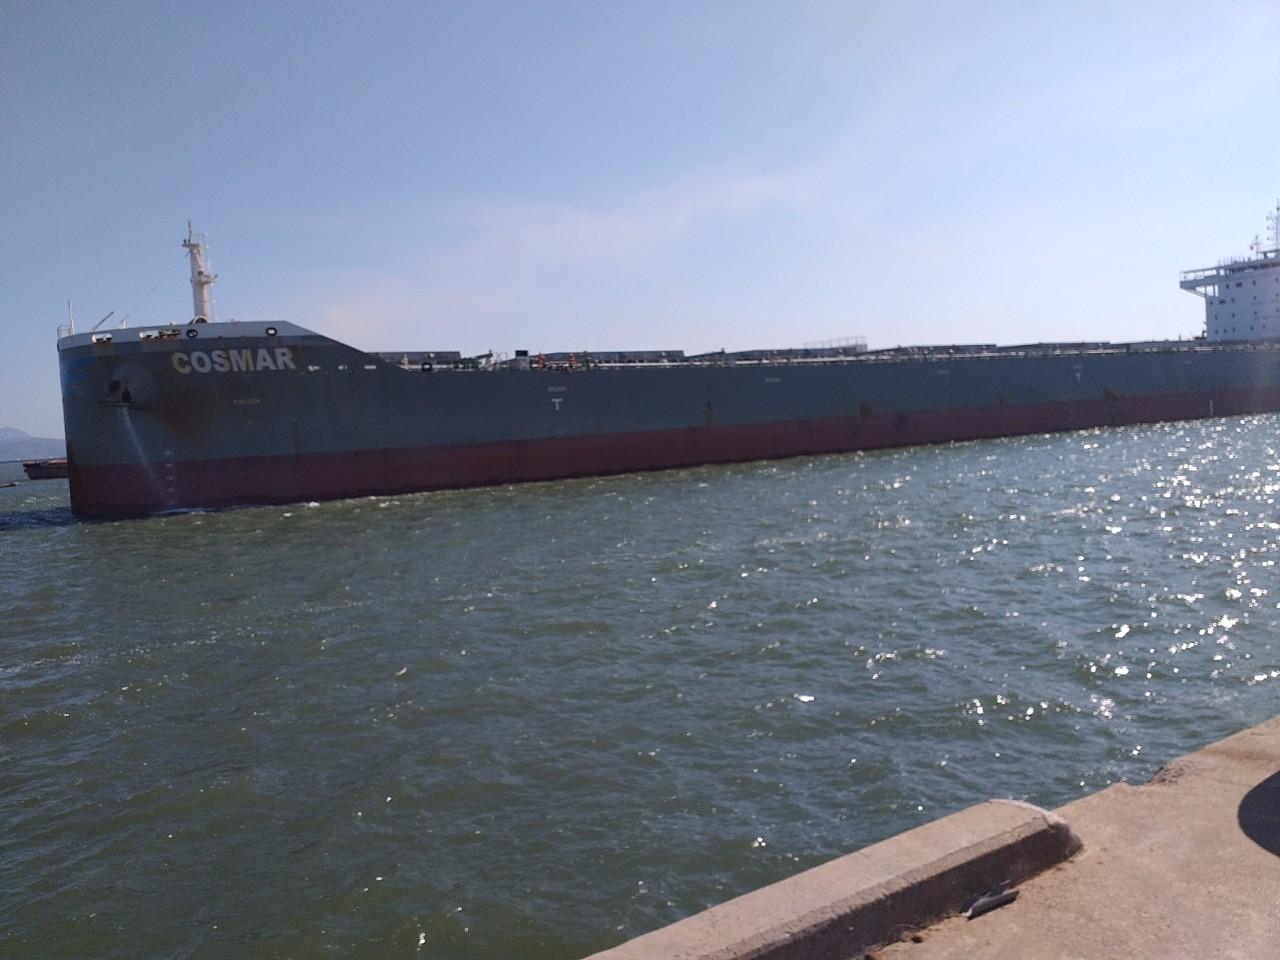 TầuCosmar Ngô cảng Cái Lân